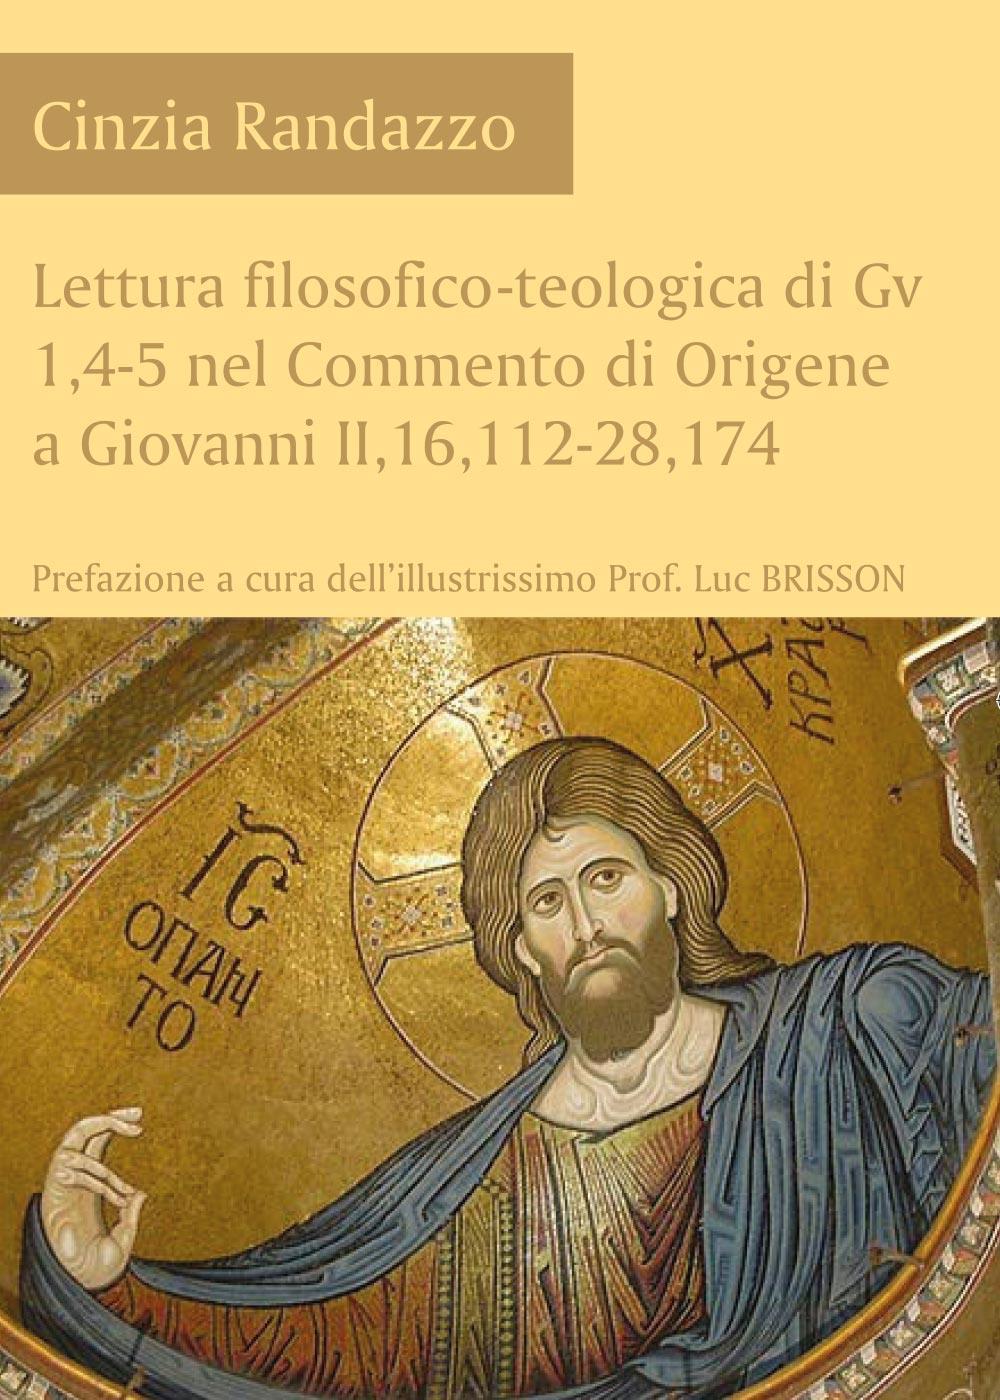 Lettura filosofico-teologica di Gv 1,4-5 nel Commento di Origene a Giovanni II,16,112-28,174